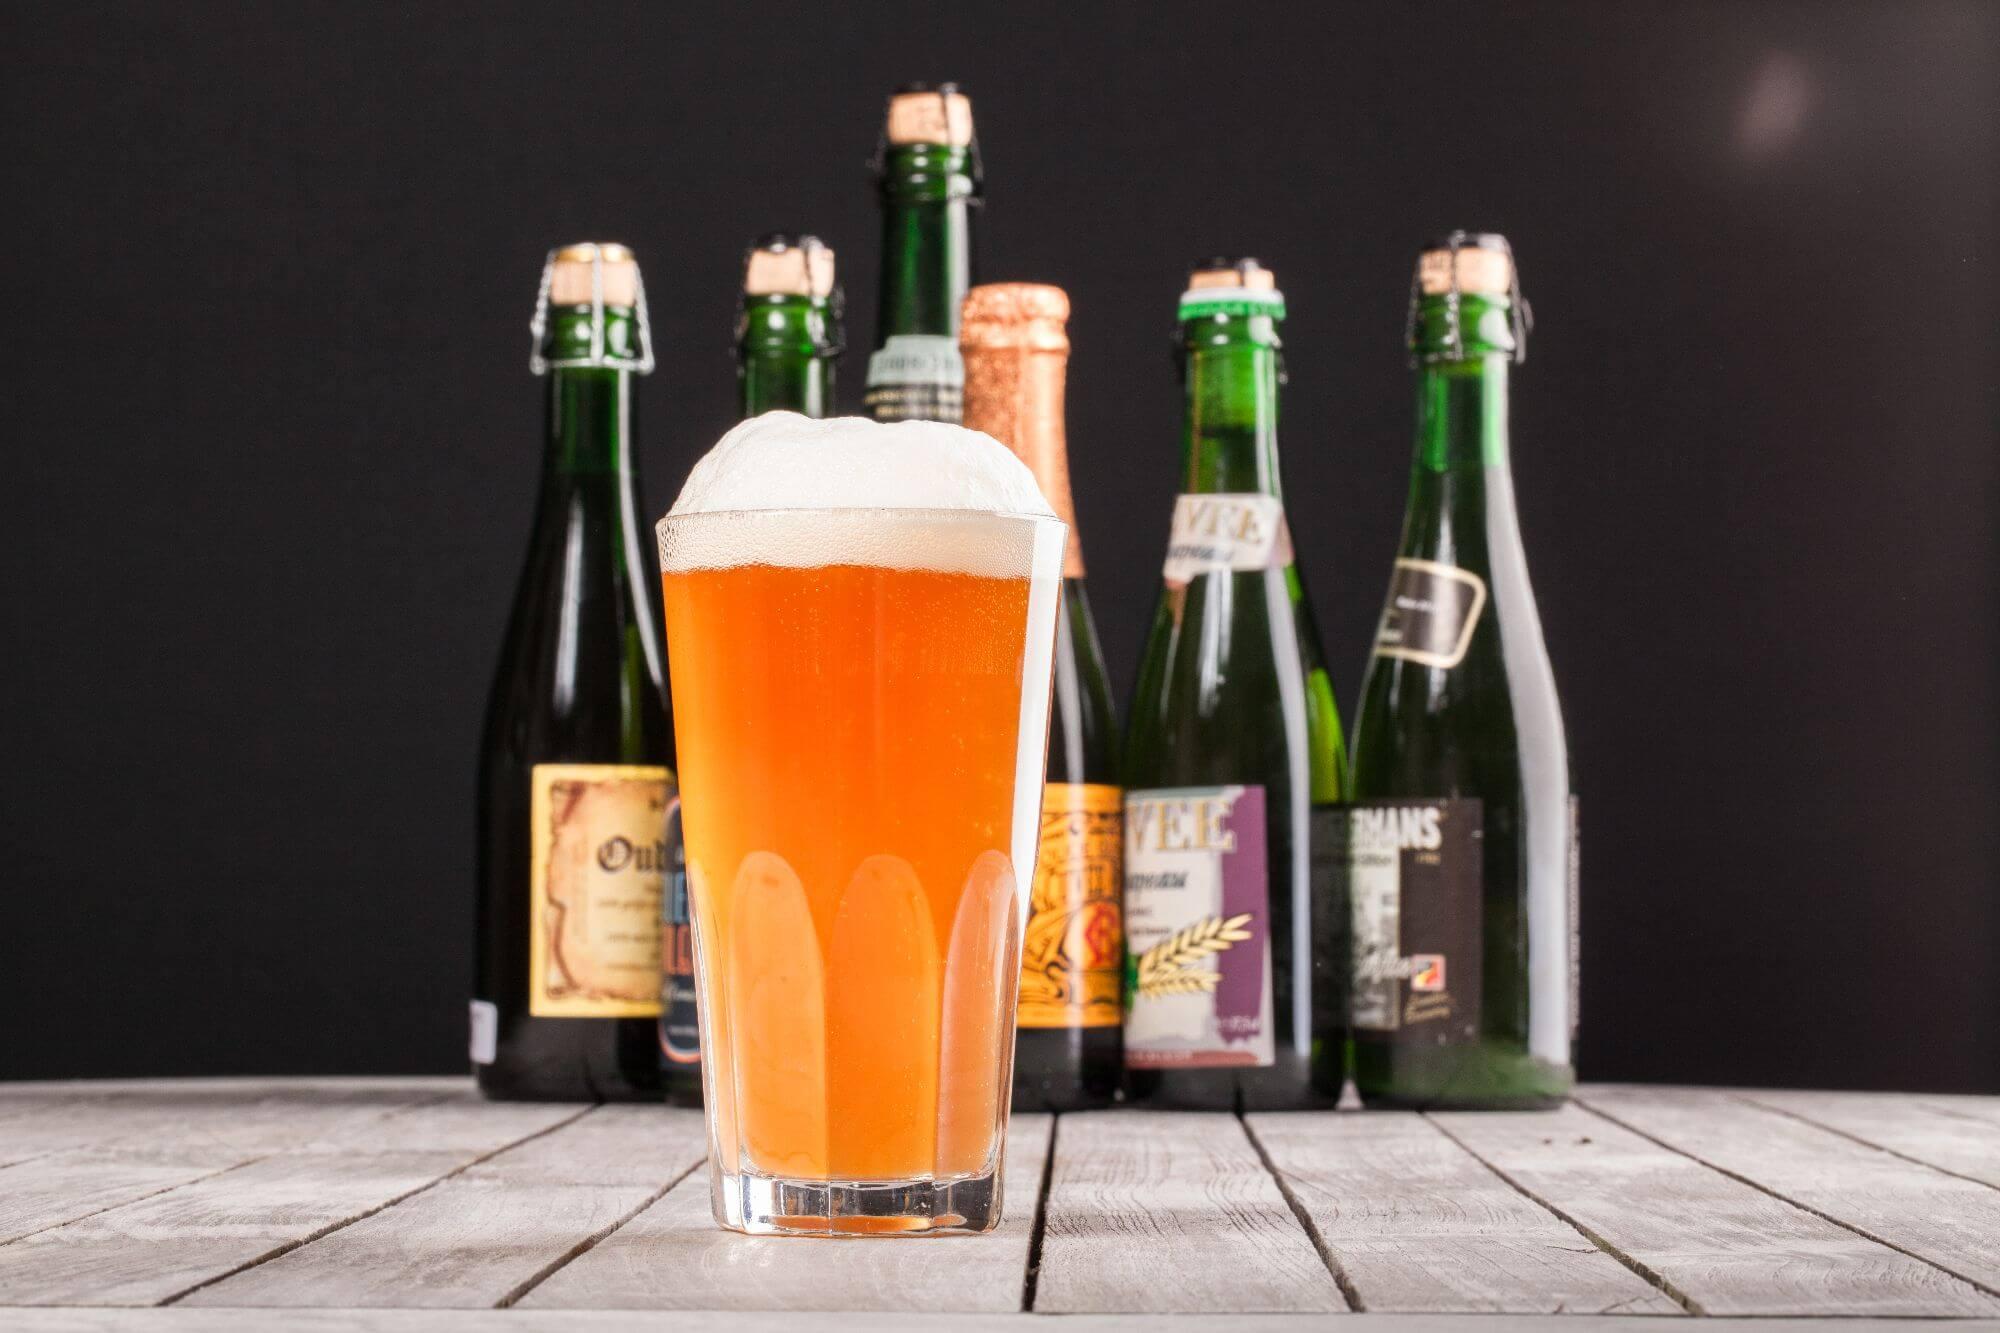 3 b's - bier.jpg